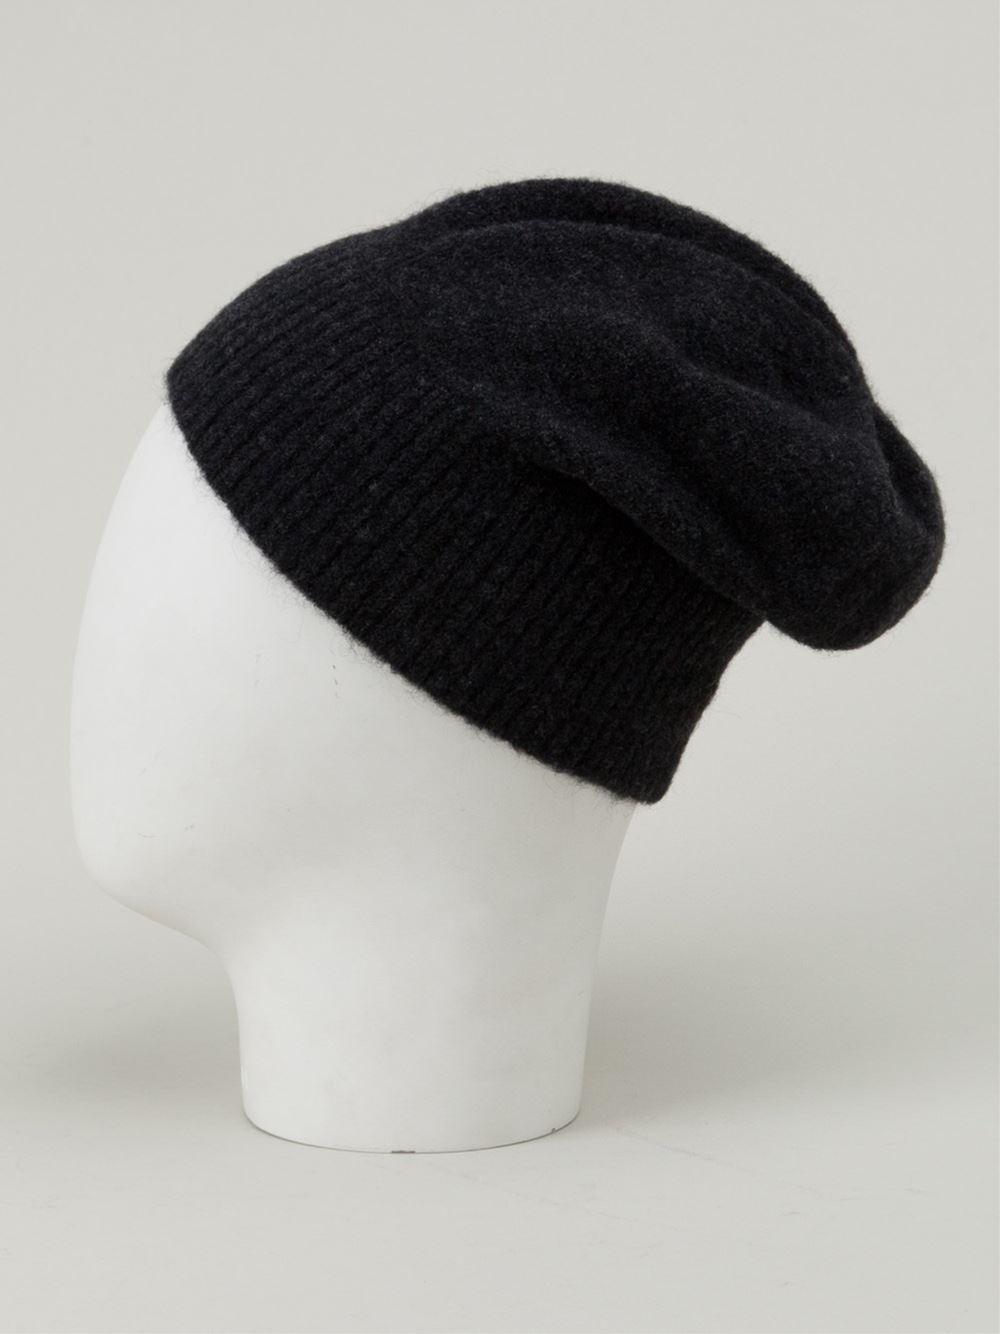 Lyst - Balenciaga Beanie Hat in Black for Men 8a32bbaf589